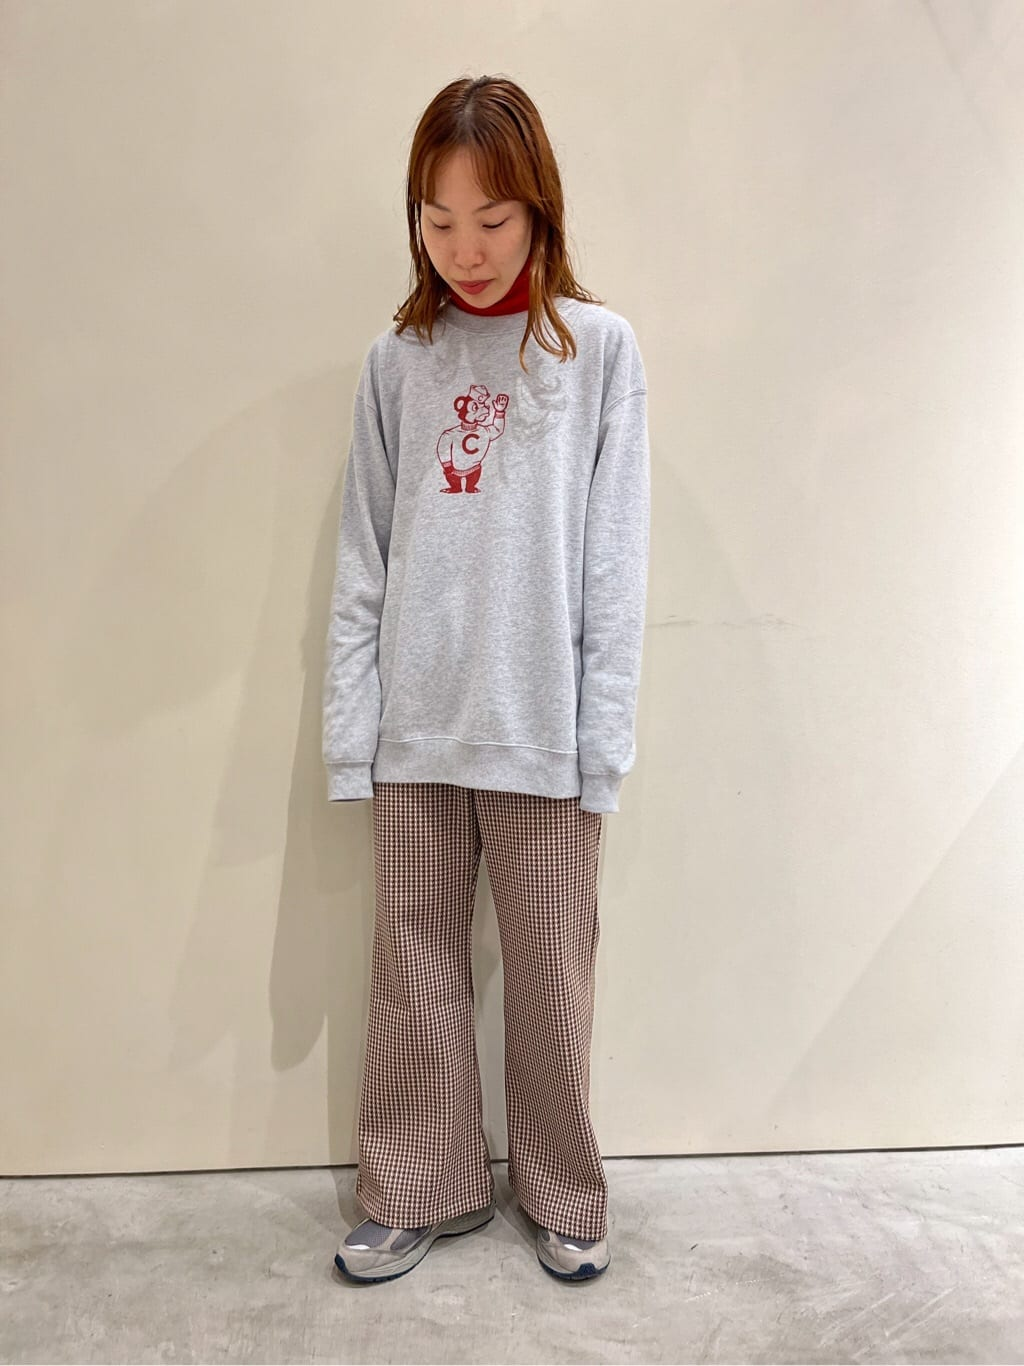 CHILD WOMAN , PAR ICI 新宿ミロード